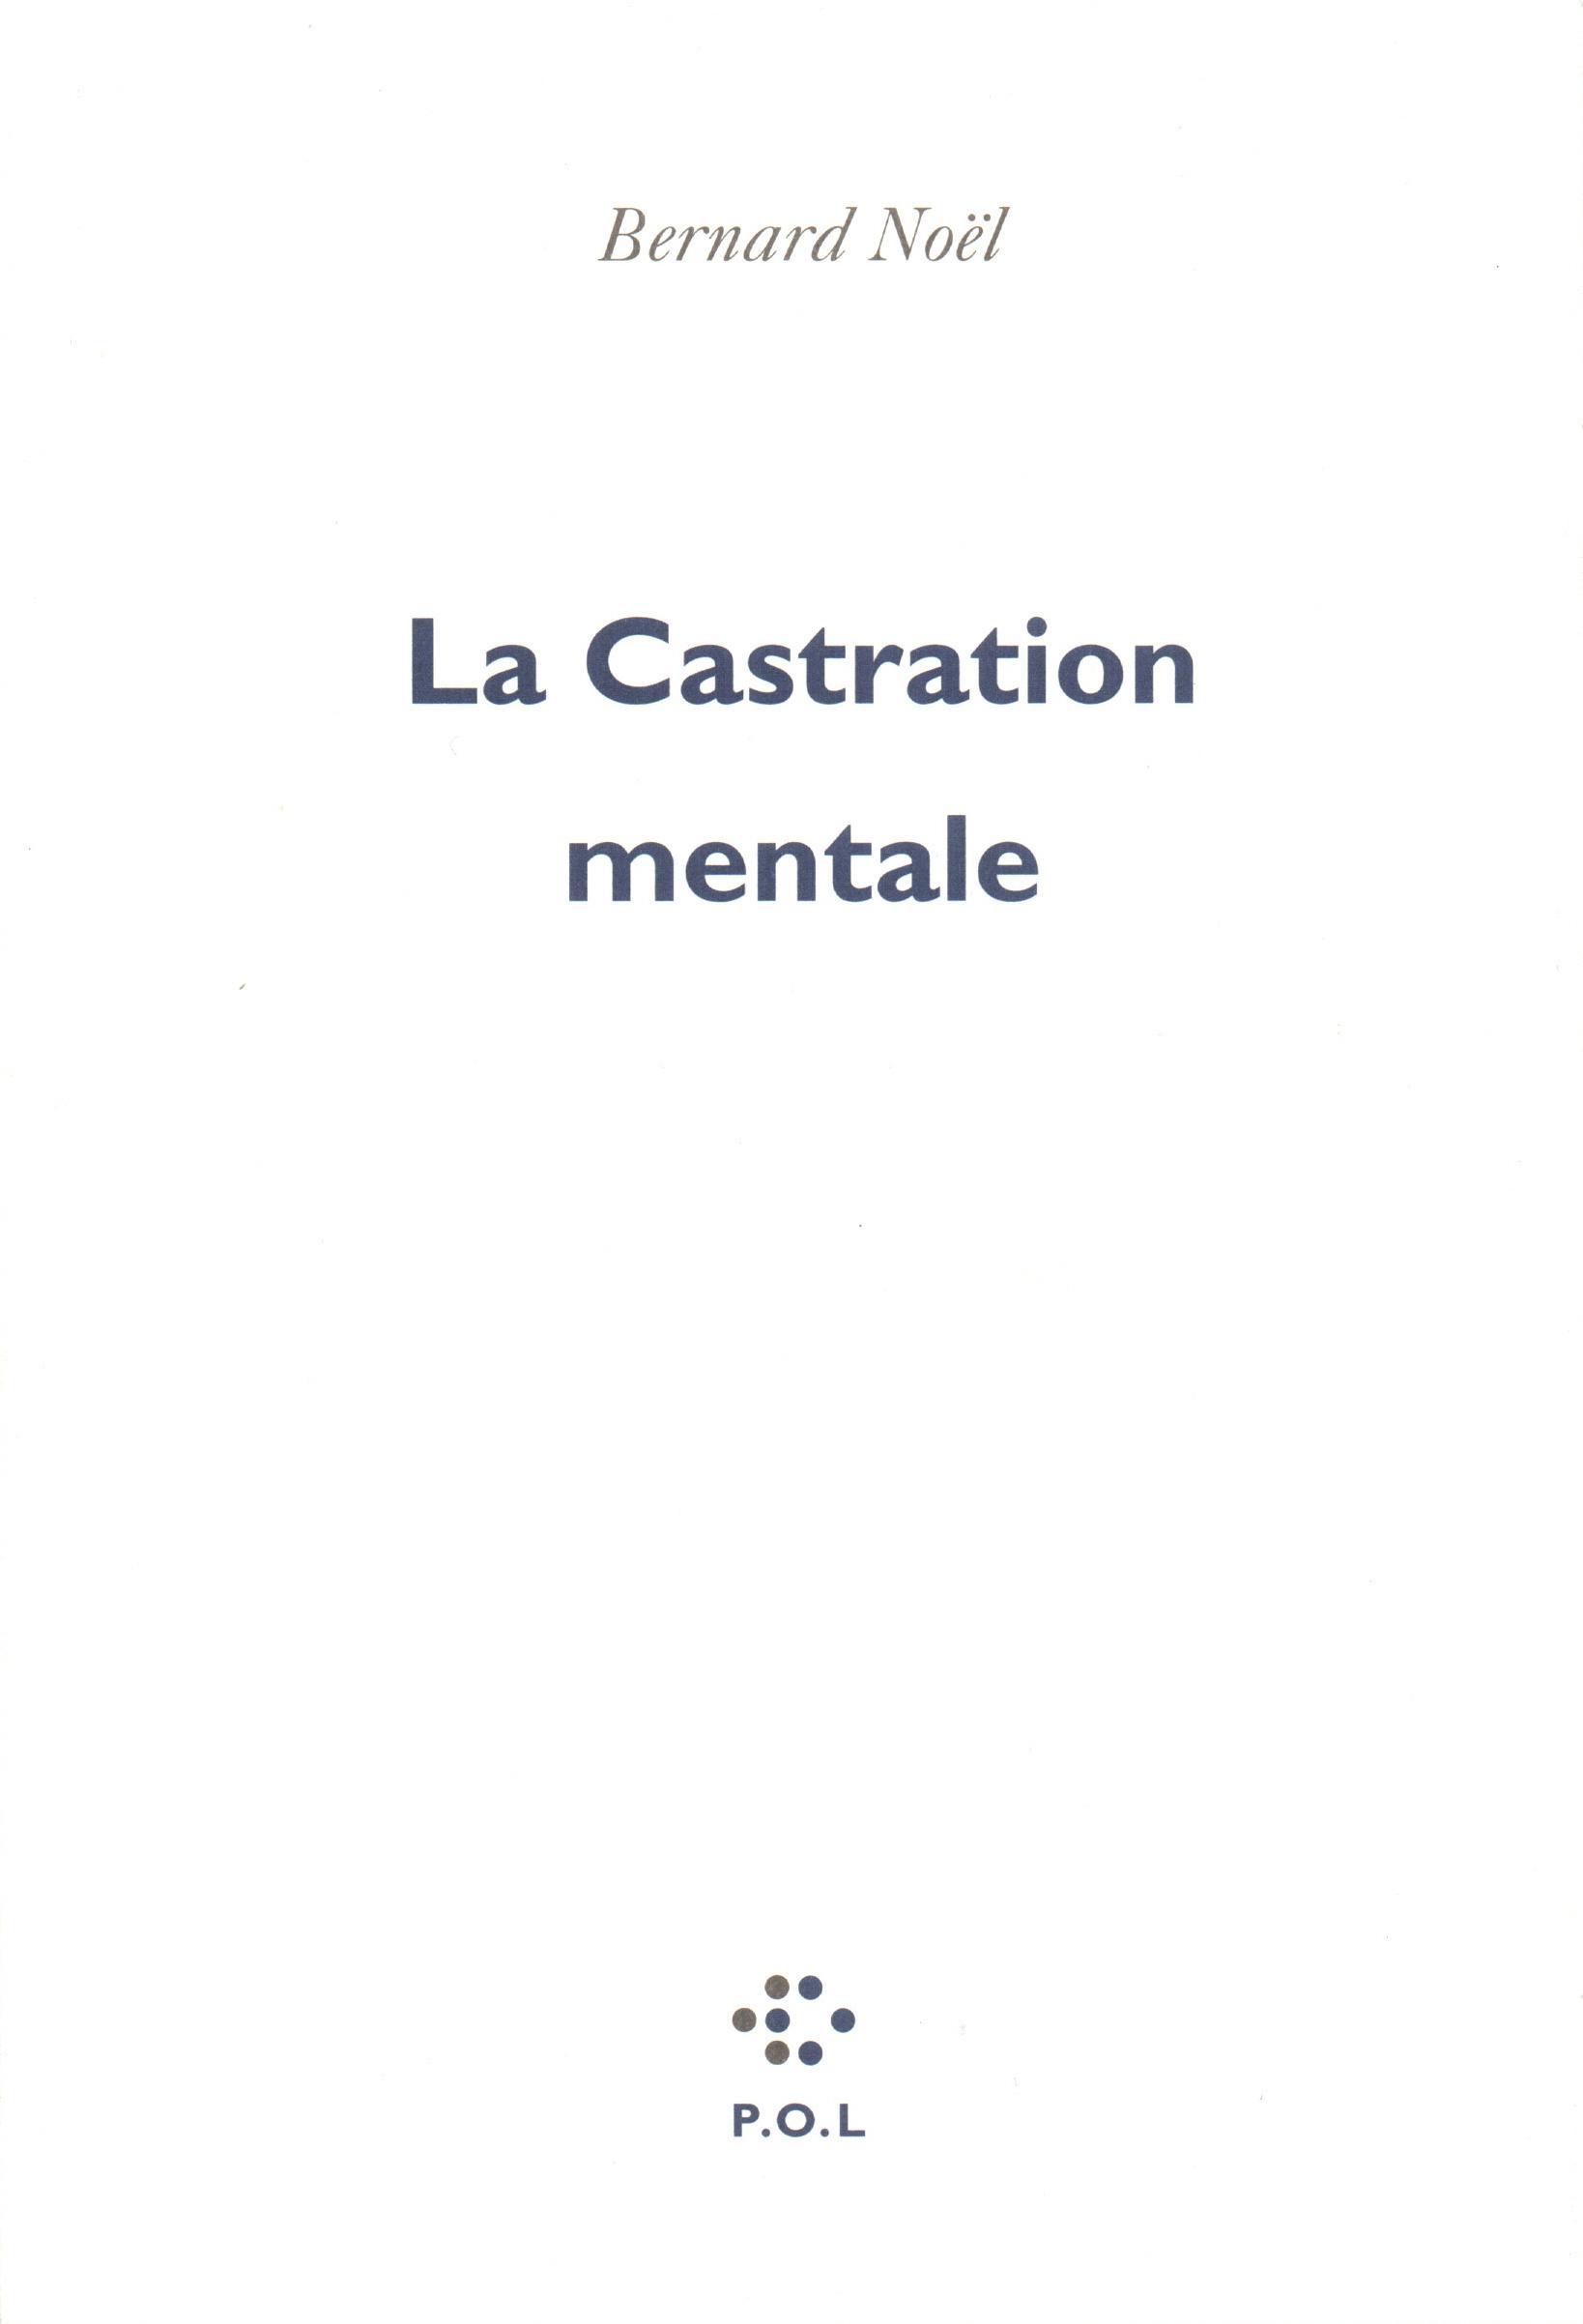 La Castration mentale